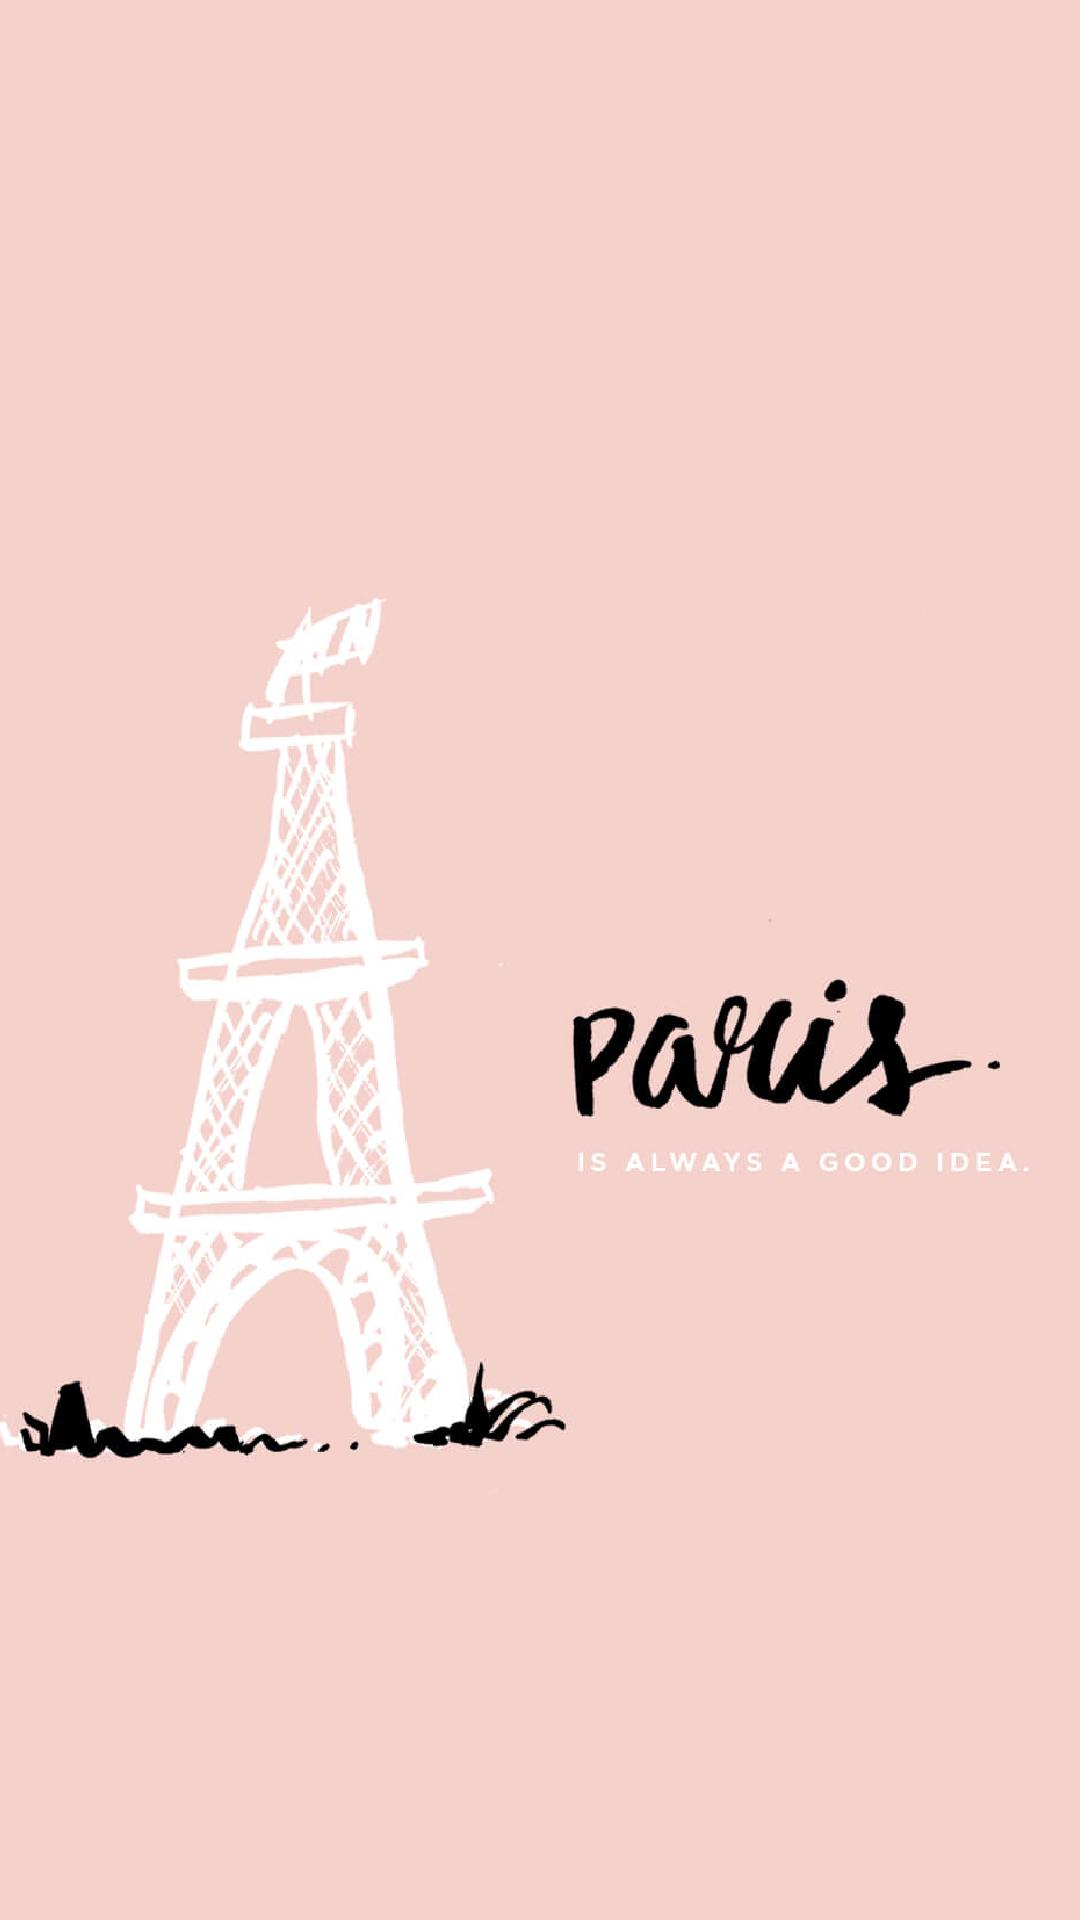 10 Paris Wallpapers For Mobile Desktop Emmygination Paris Wallpaper Paris Wallpaper Iphone Desktop Wallpapers Tumblr